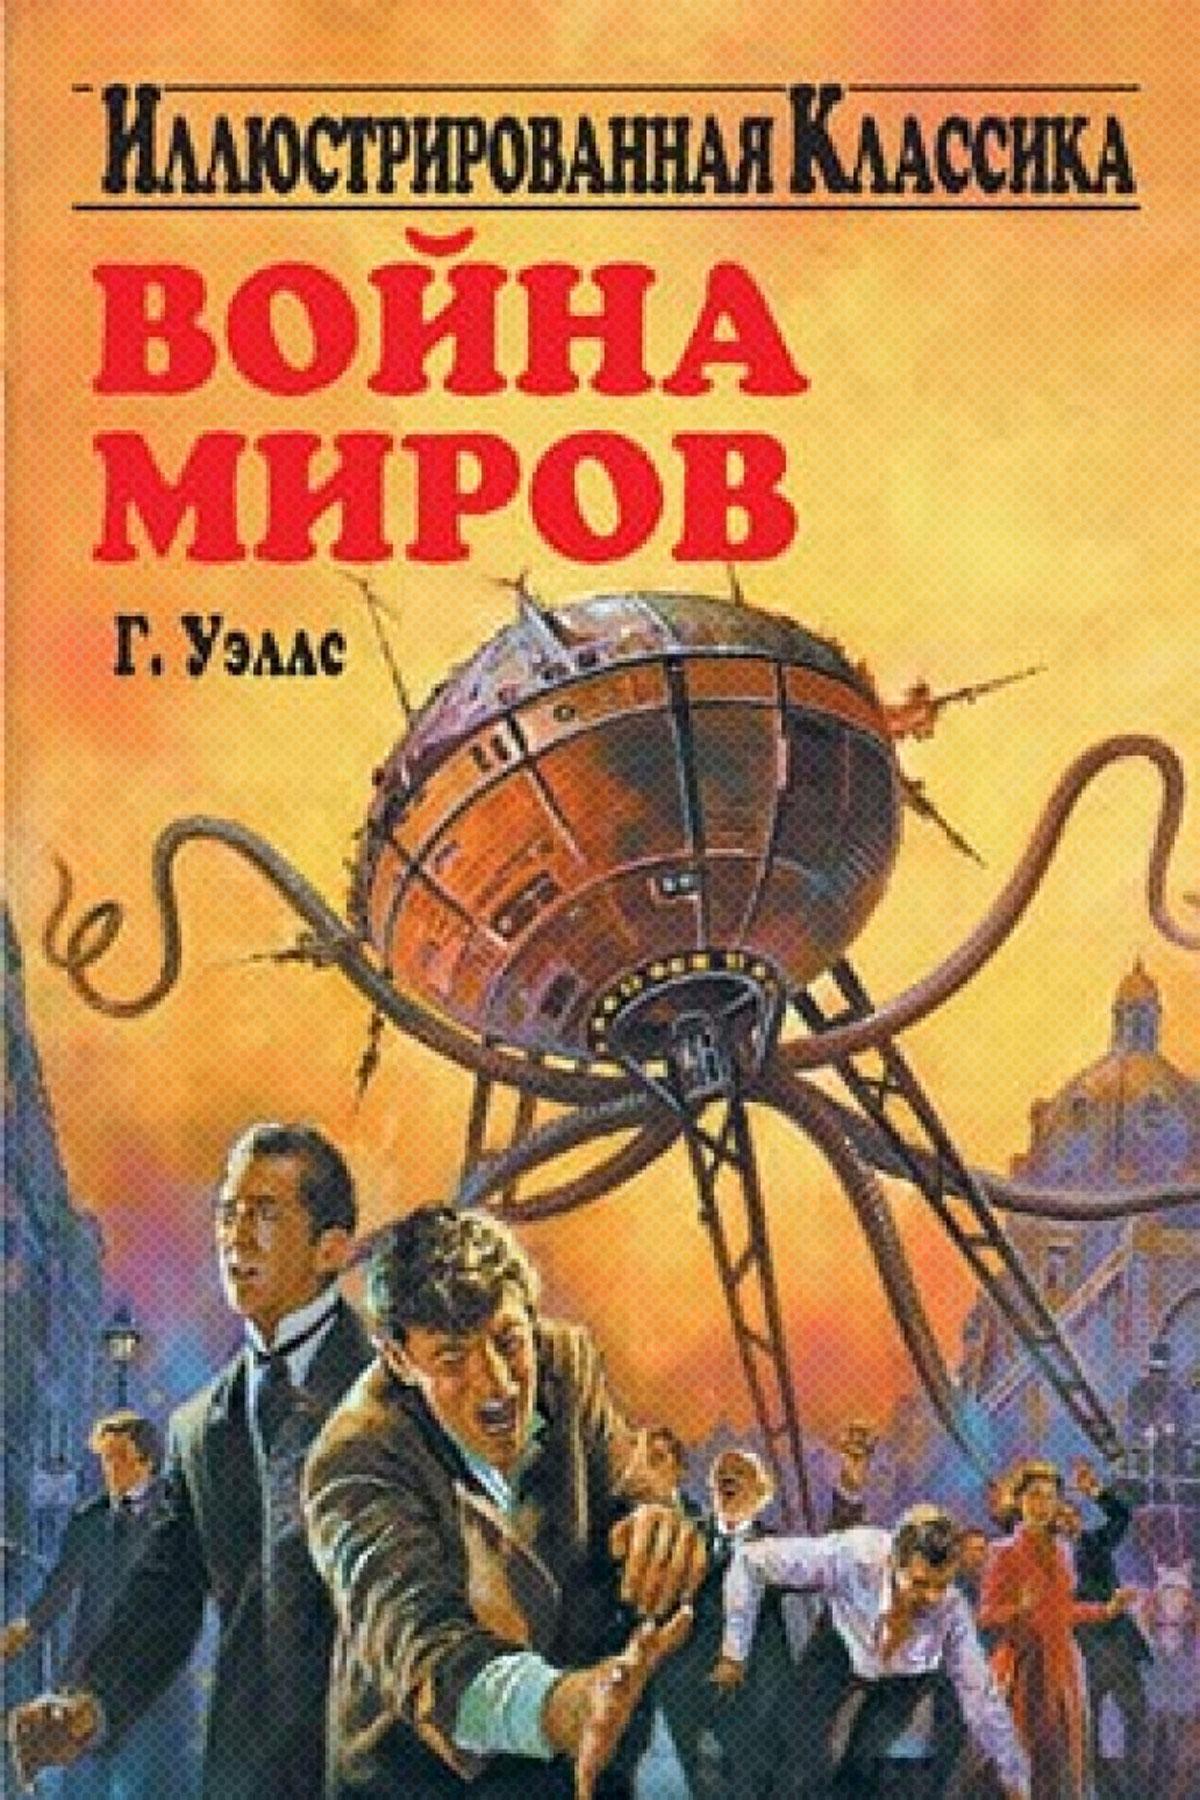 Олег Землянин -  Новые послания от старых Брехунов Cms-image-000011637